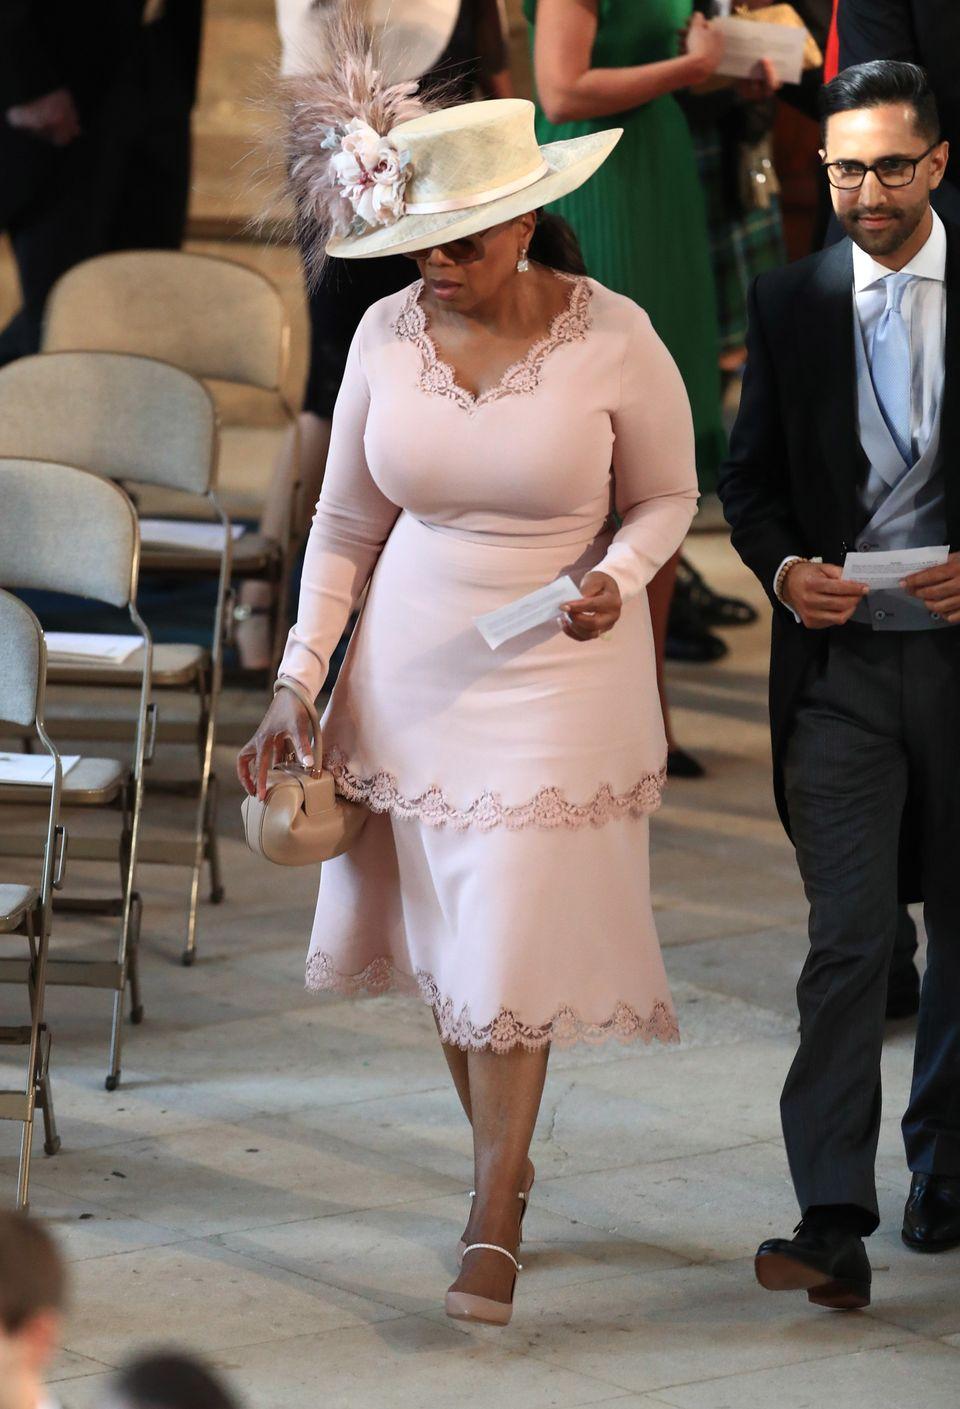 Talk show host Oprah Winfrey was among the